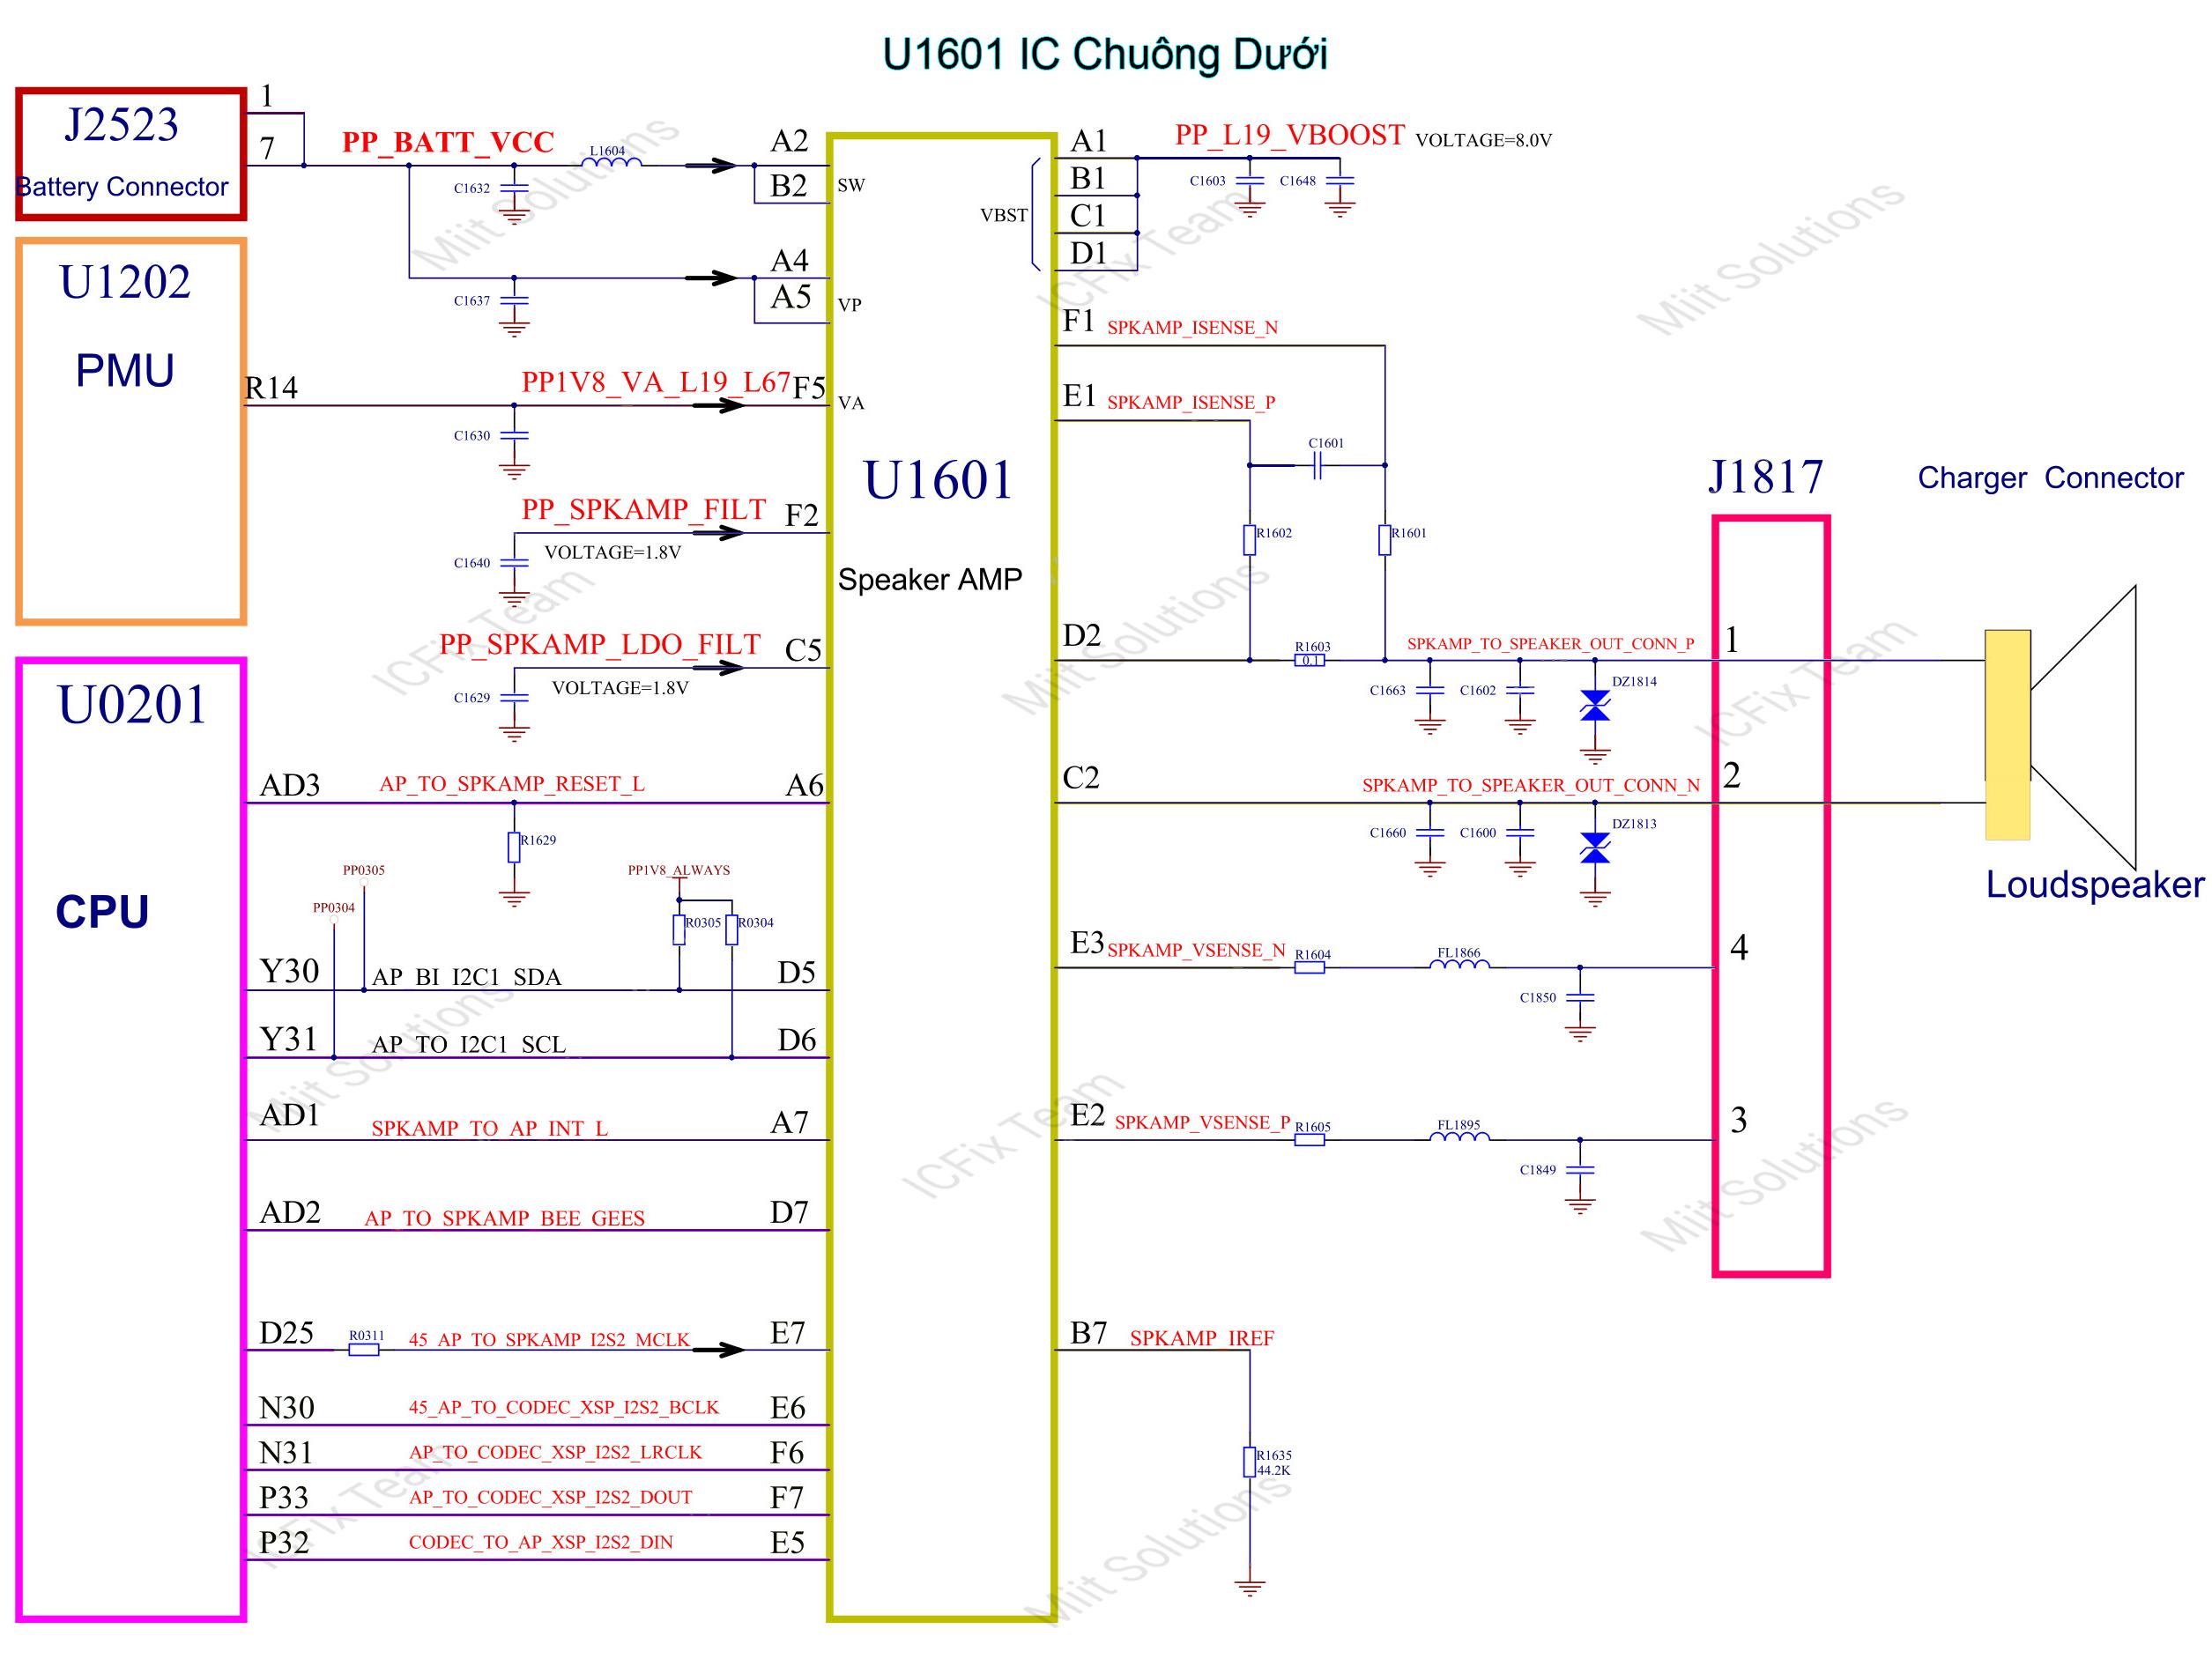 U1601 IC DAC quản lý chuông loa ngoài iPhone 6